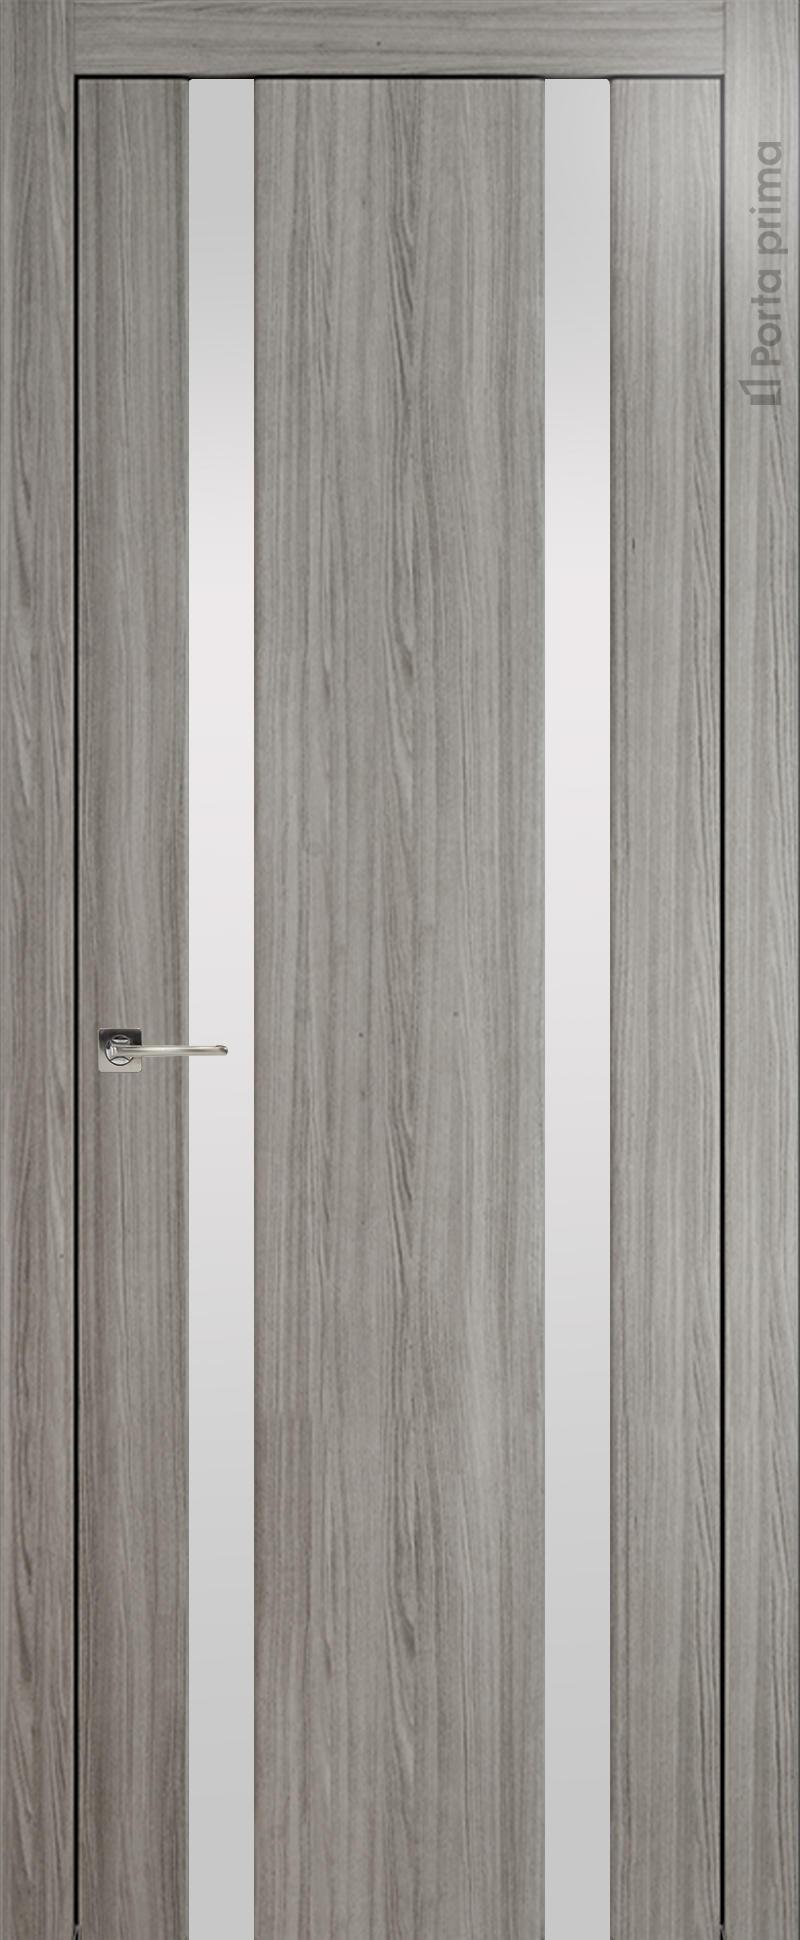 Torino цвет - Орех пепельный Без стекла (ДГ-2)